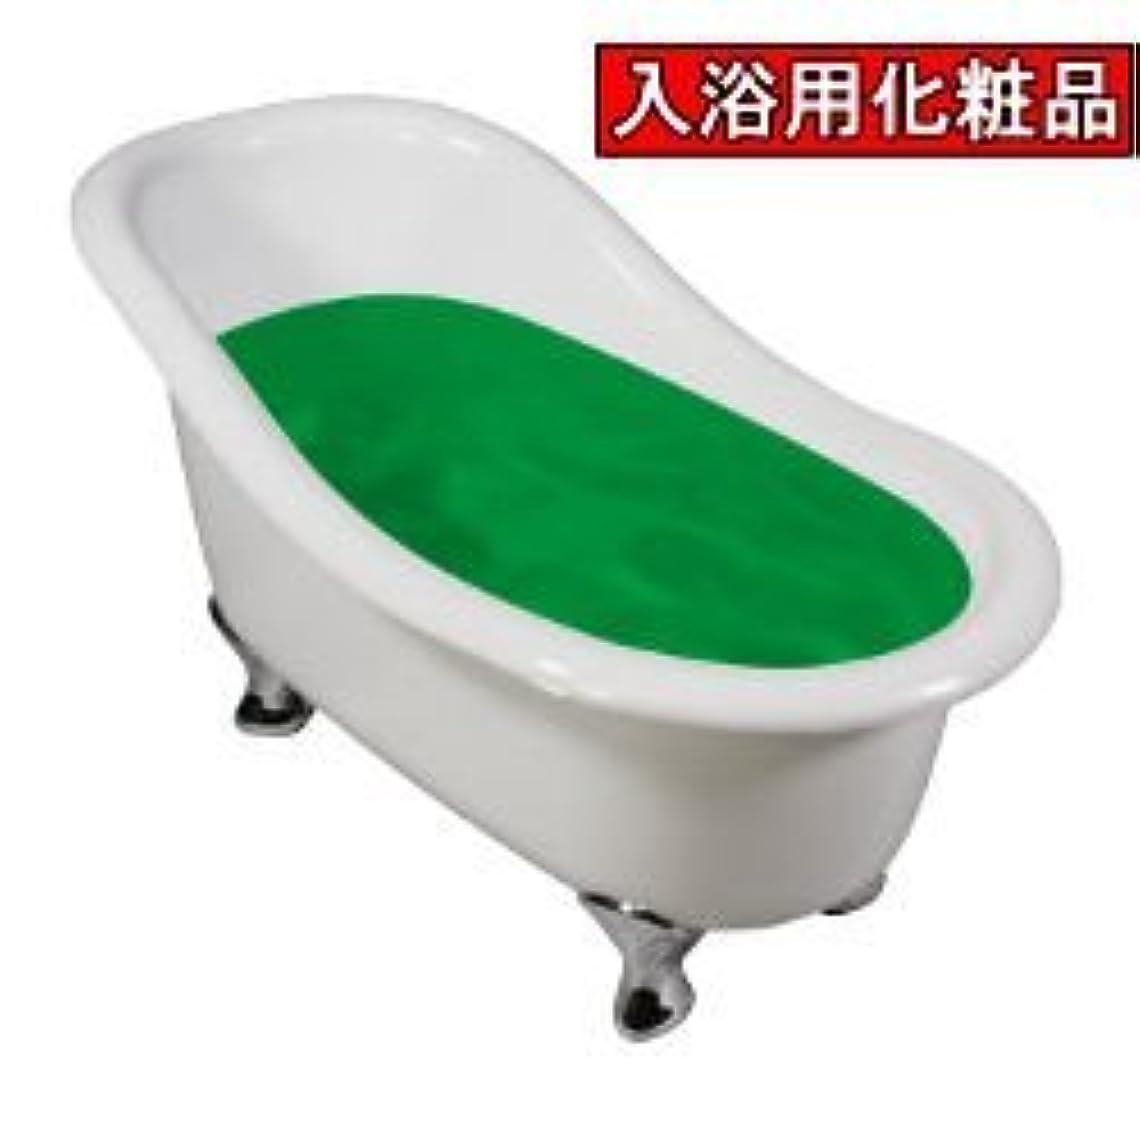 鉛想定日帰り旅行に業務用入浴剤イヴタス 緑茶 17kg 業務用サイズ